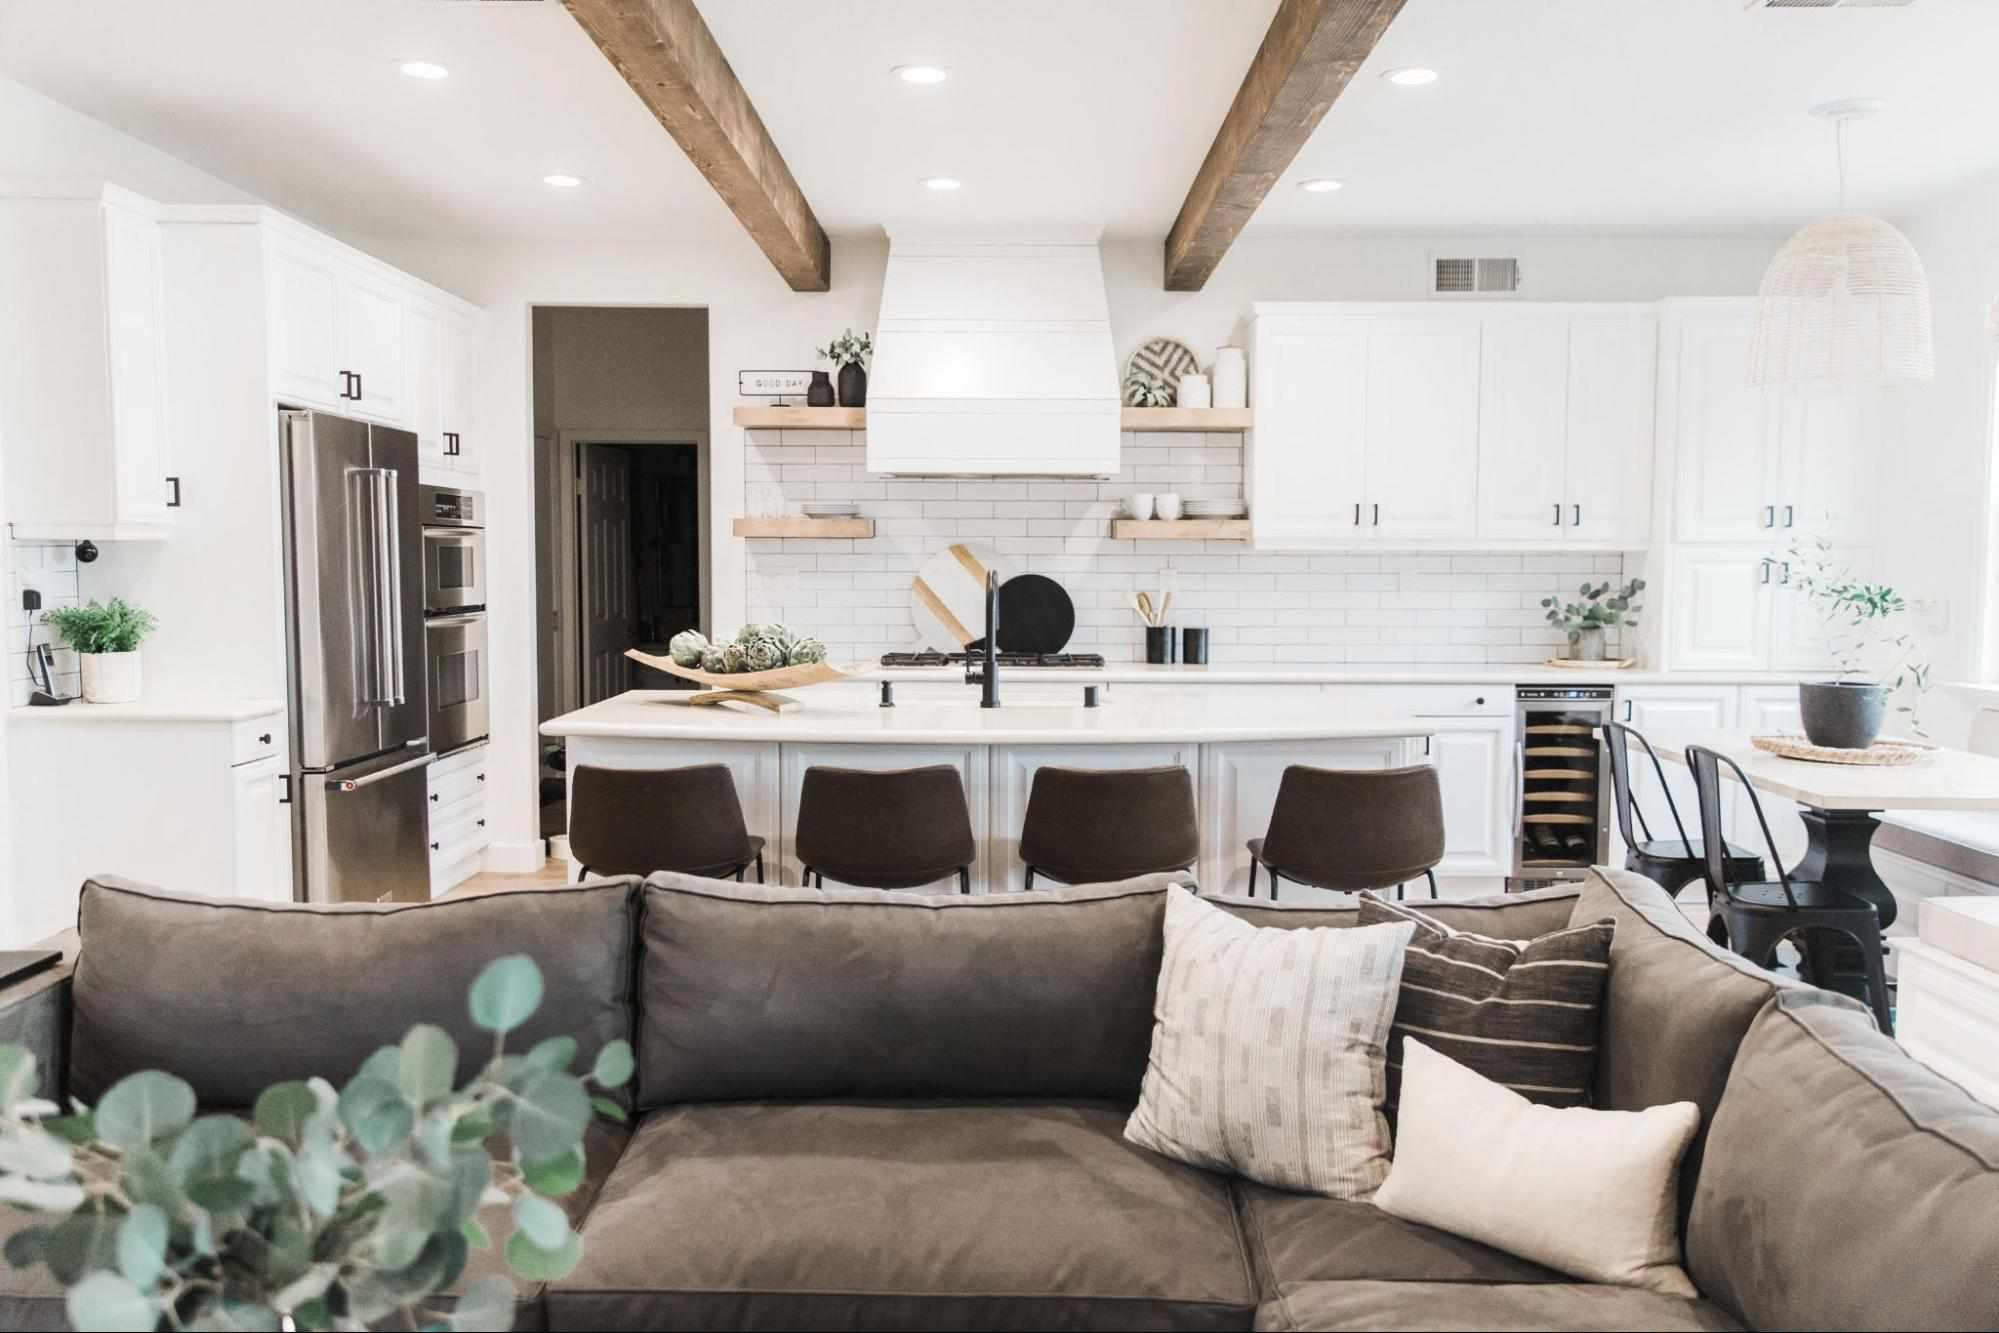 Open floor plan kitchen and living room.